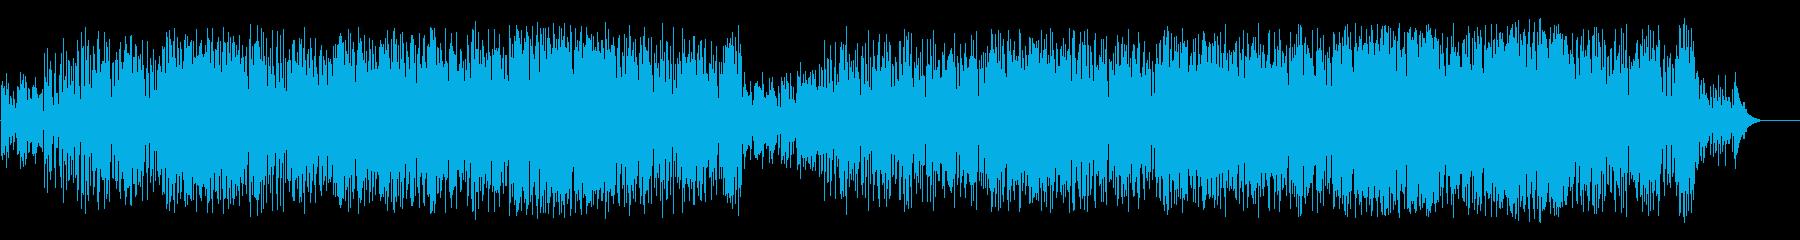 のんびりと爽やかなポップ(フルサイズ)の再生済みの波形